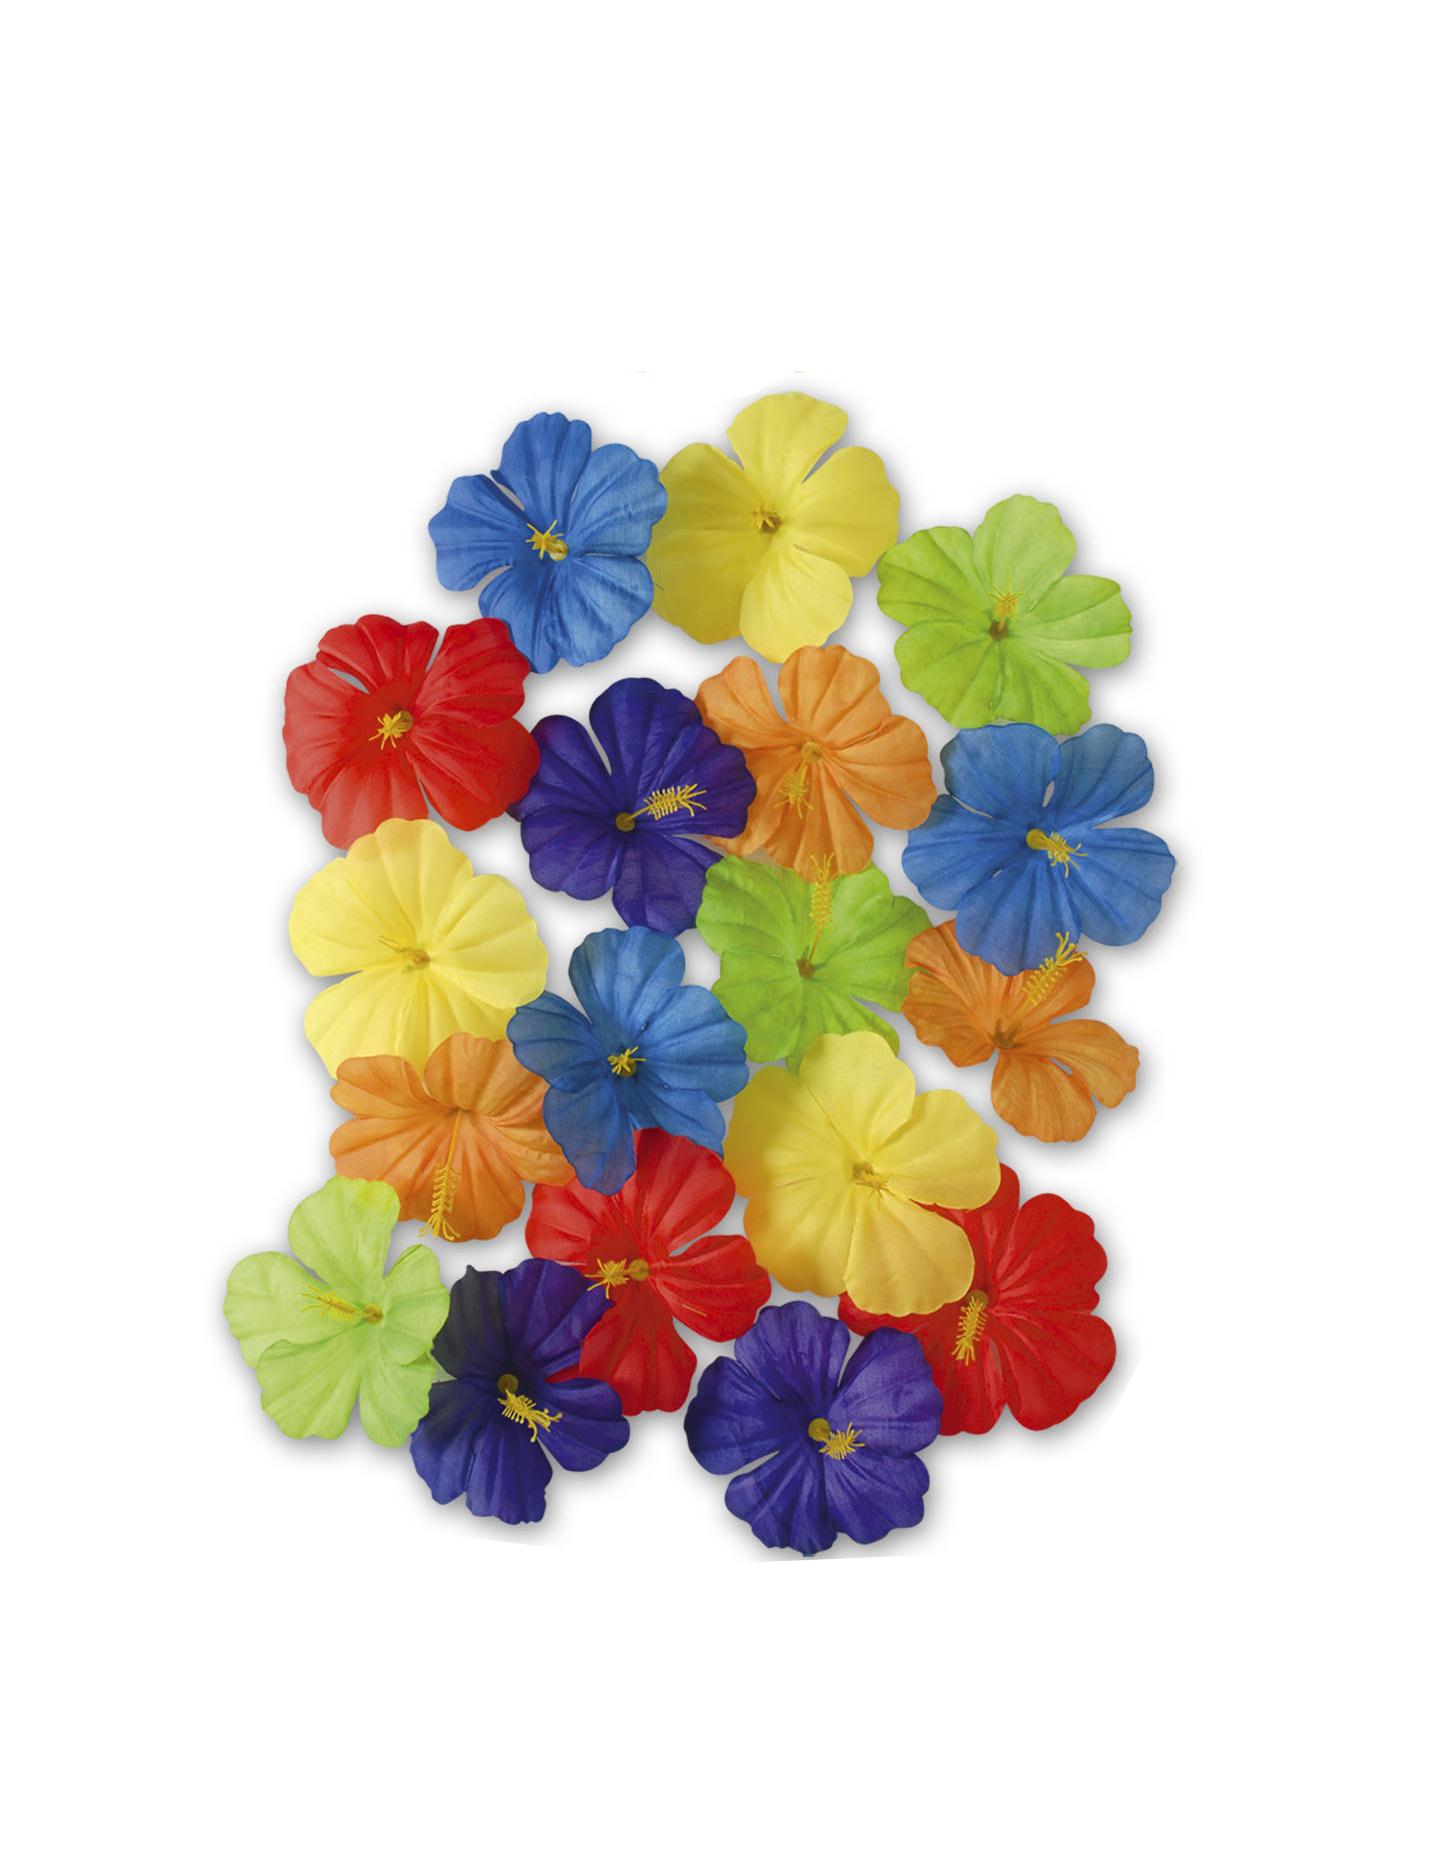 Fleurs multicolores achat de decoration animation sur for Achat de fleurs